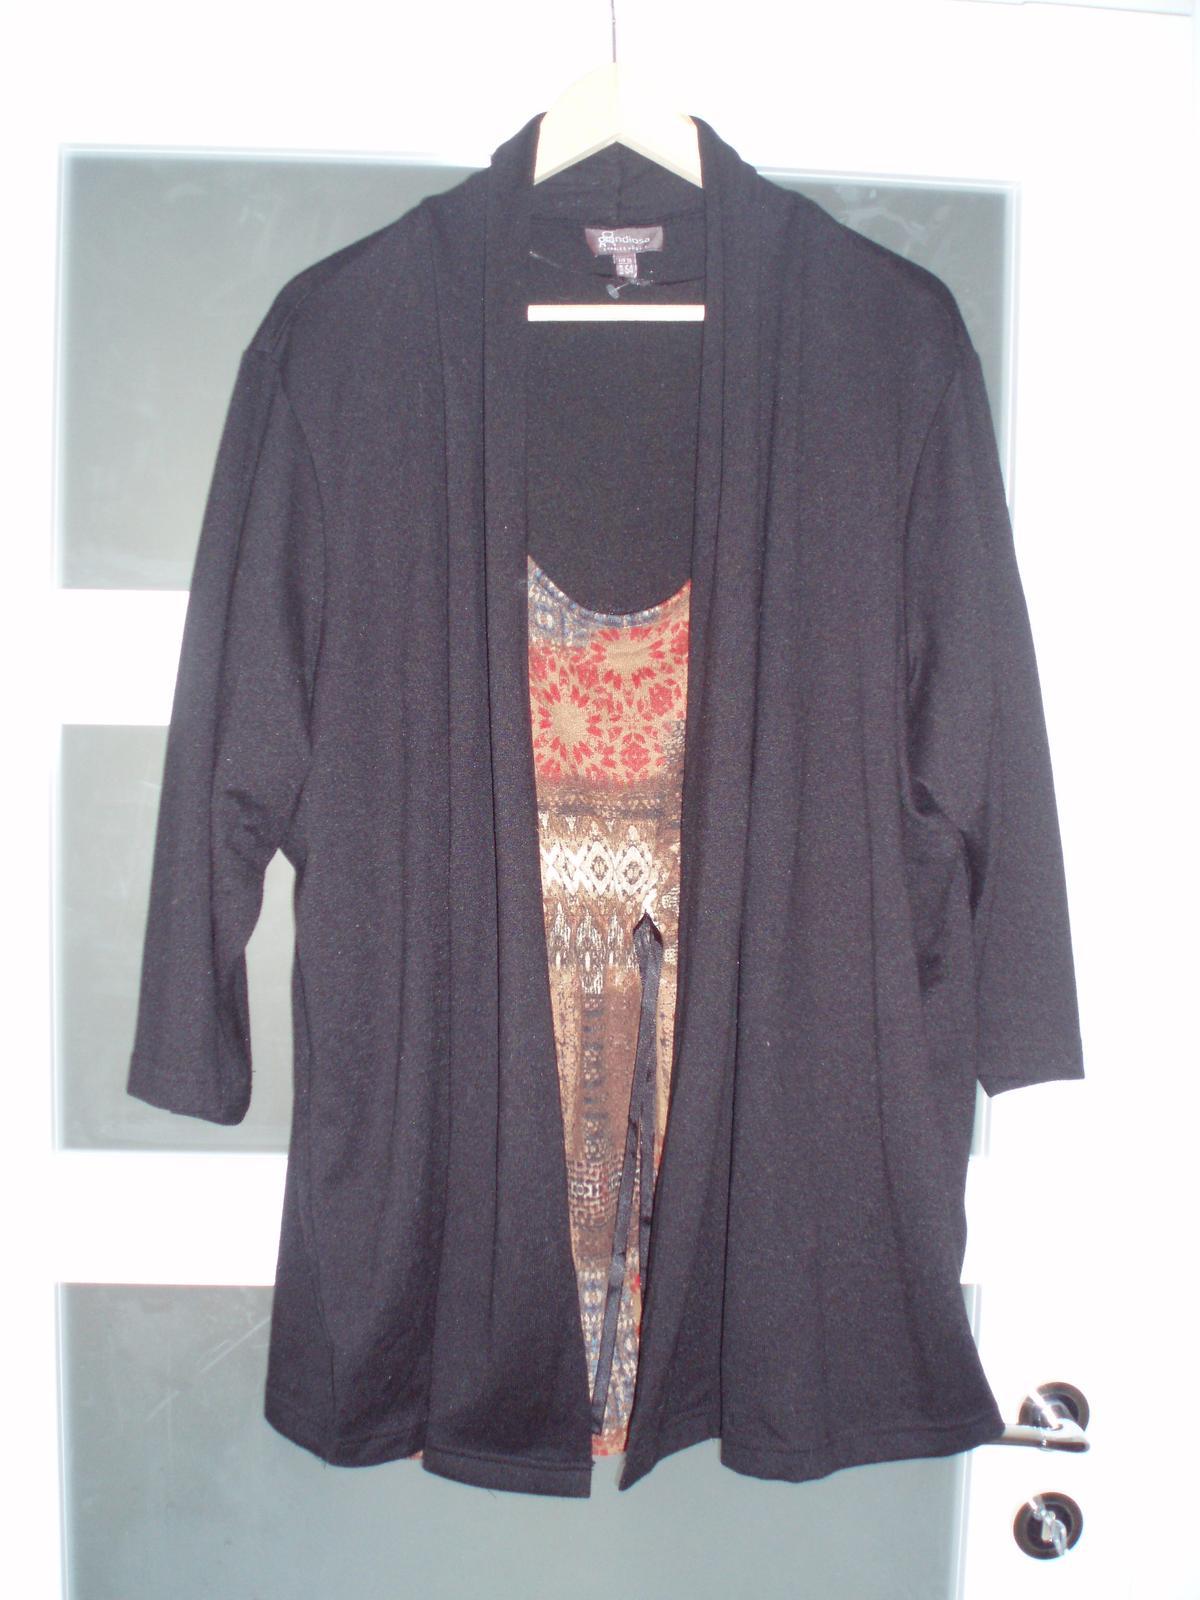 Dámsky sveter 2 v 1 - Obrázok č. 1